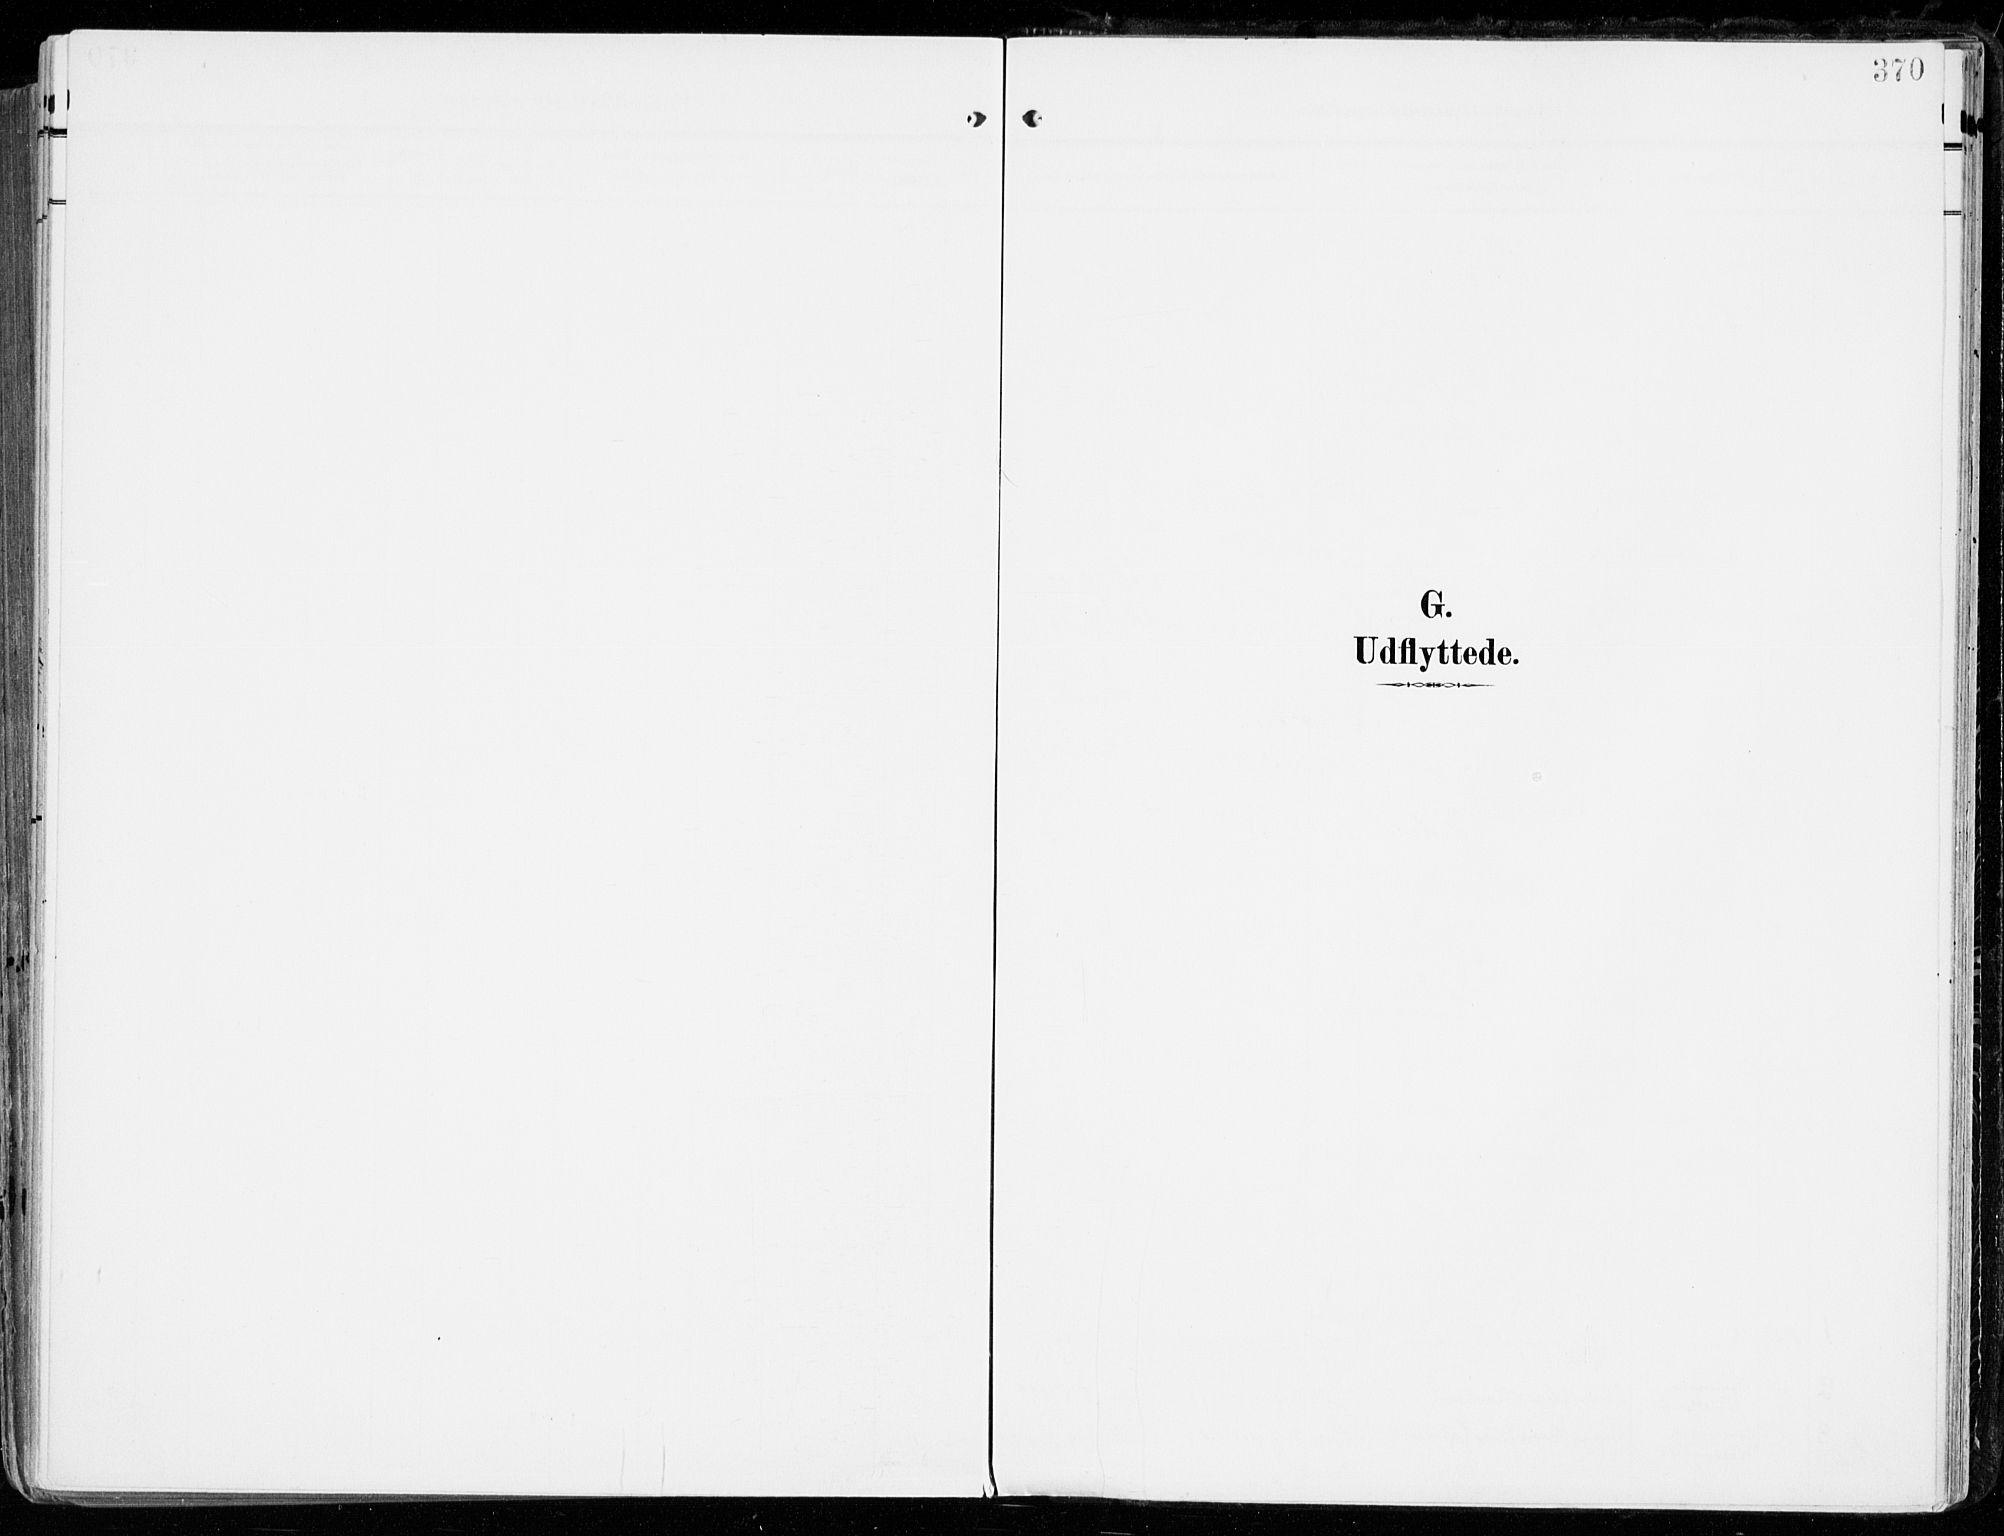 SAKO, Tjølling kirkebøker, F/Fa/L0010: Ministerialbok nr. 10, 1906-1923, s. 370